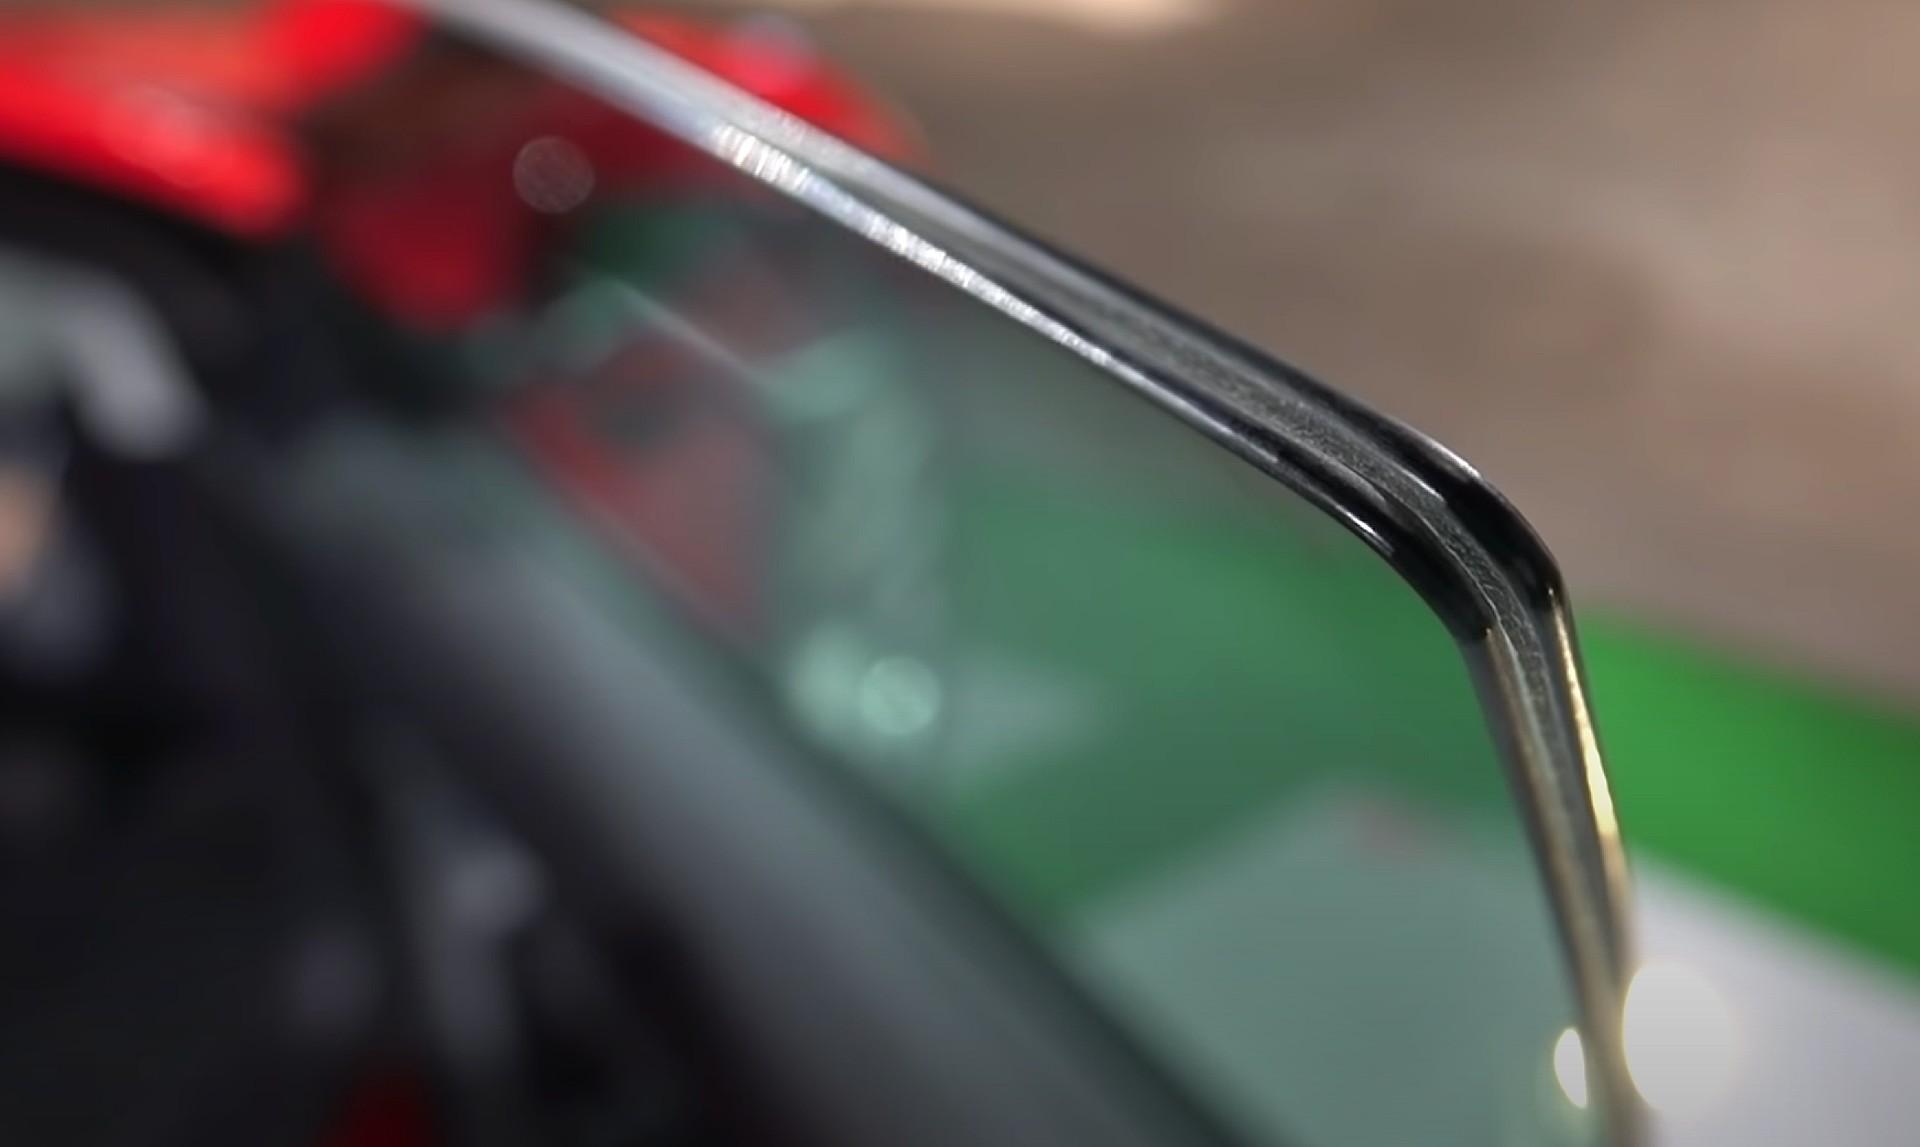 tesla-model-3-refresh-double-paned-glass